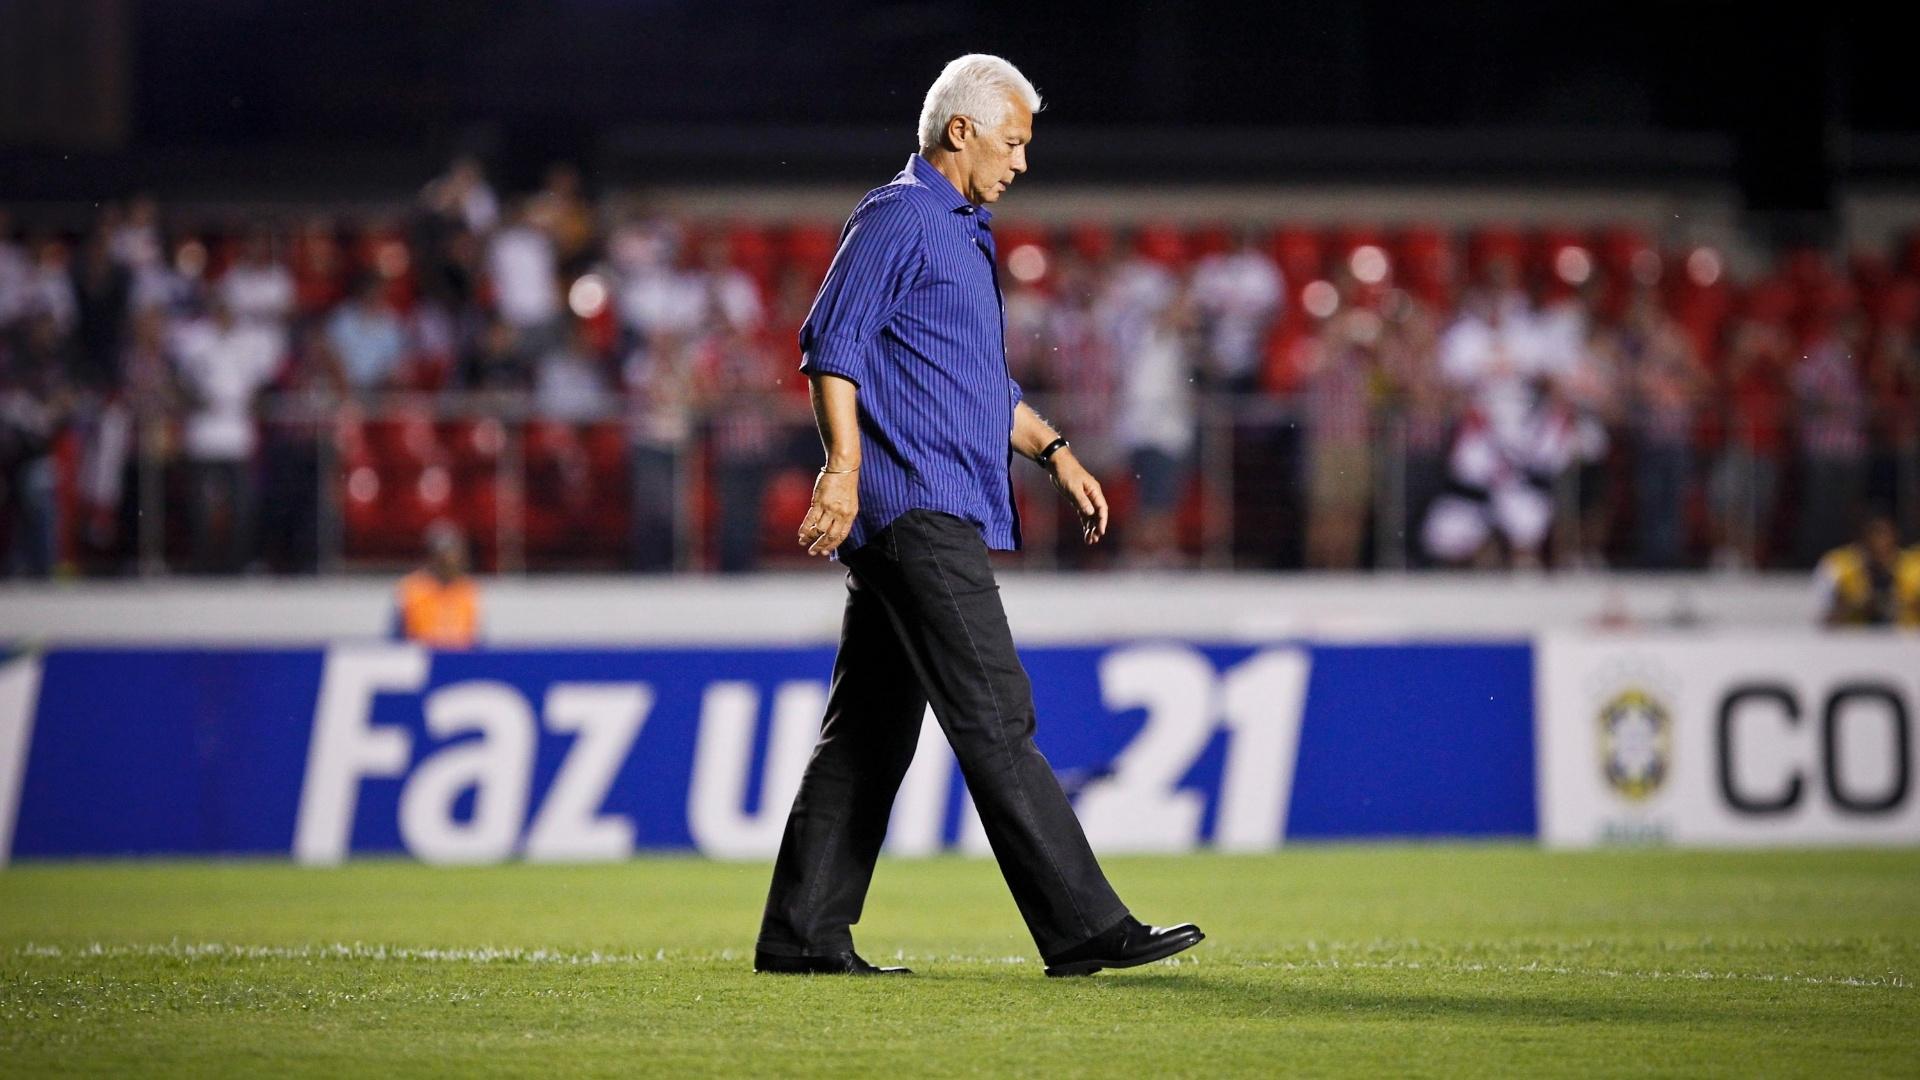 Leão, técnico do São Paulo, antes do início do jogo contra o Independente